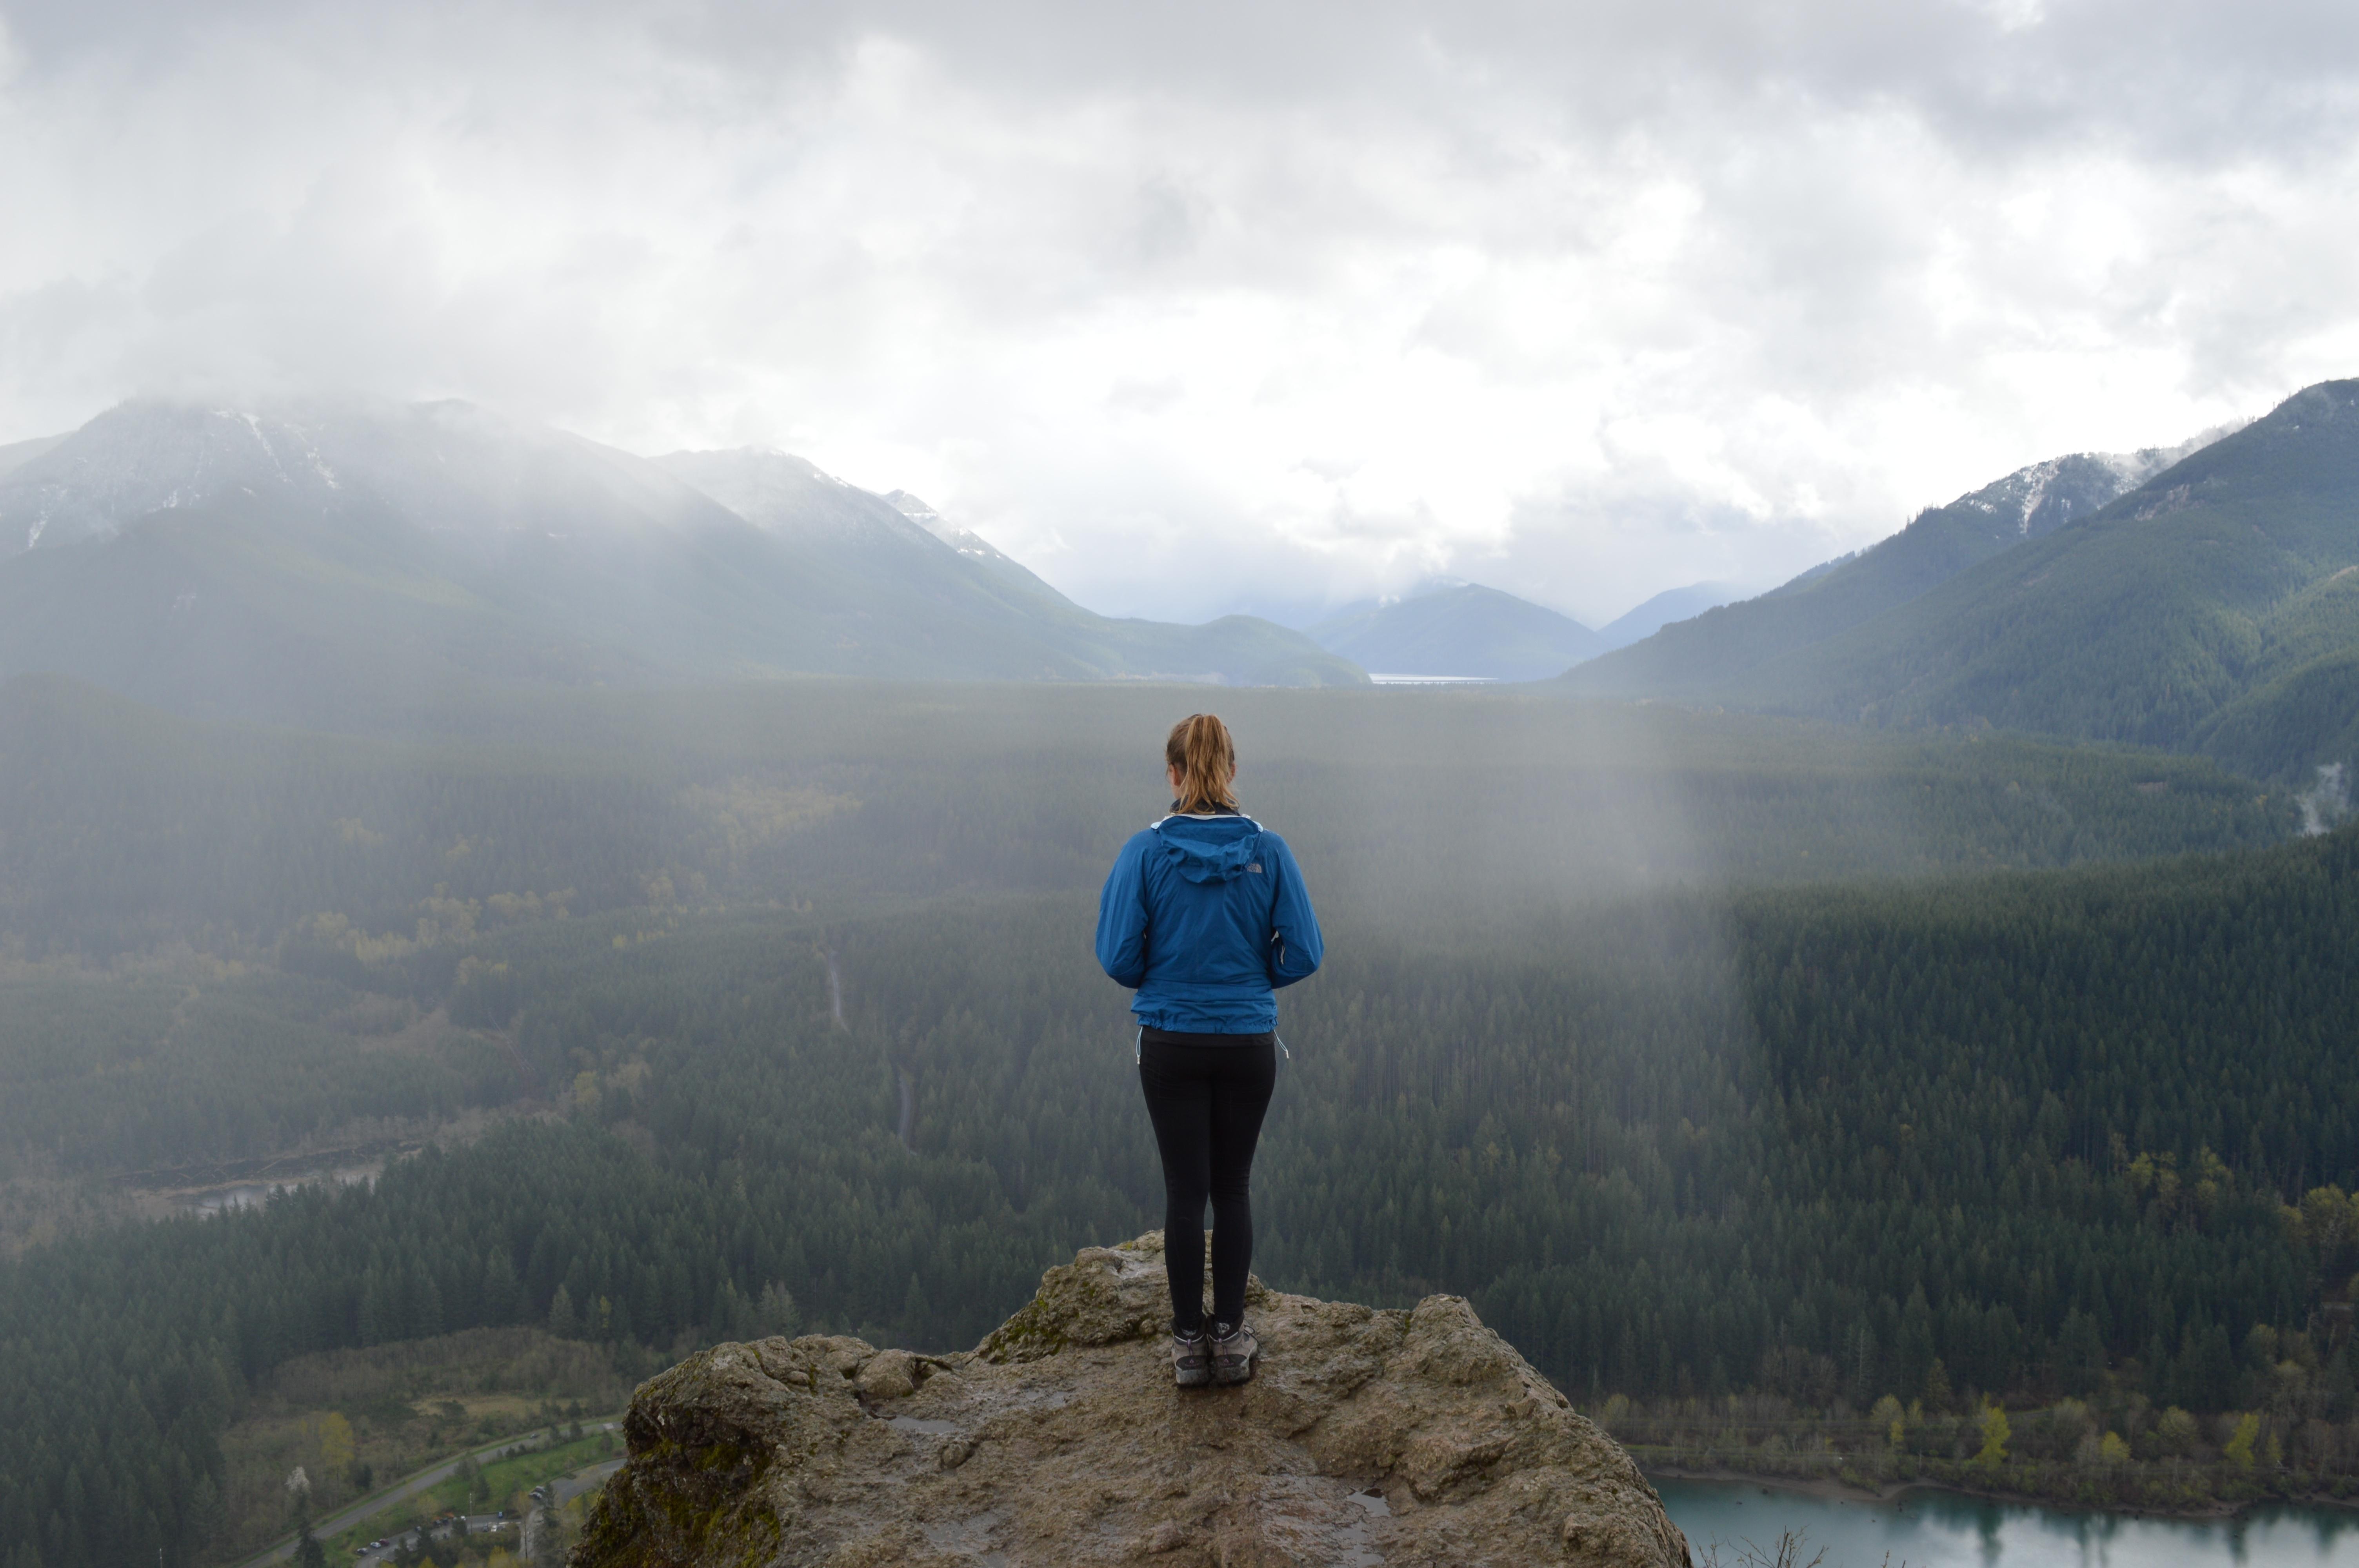 640+ Gambar Orang Melihat Pemandangan Alam Gratis Terbaik